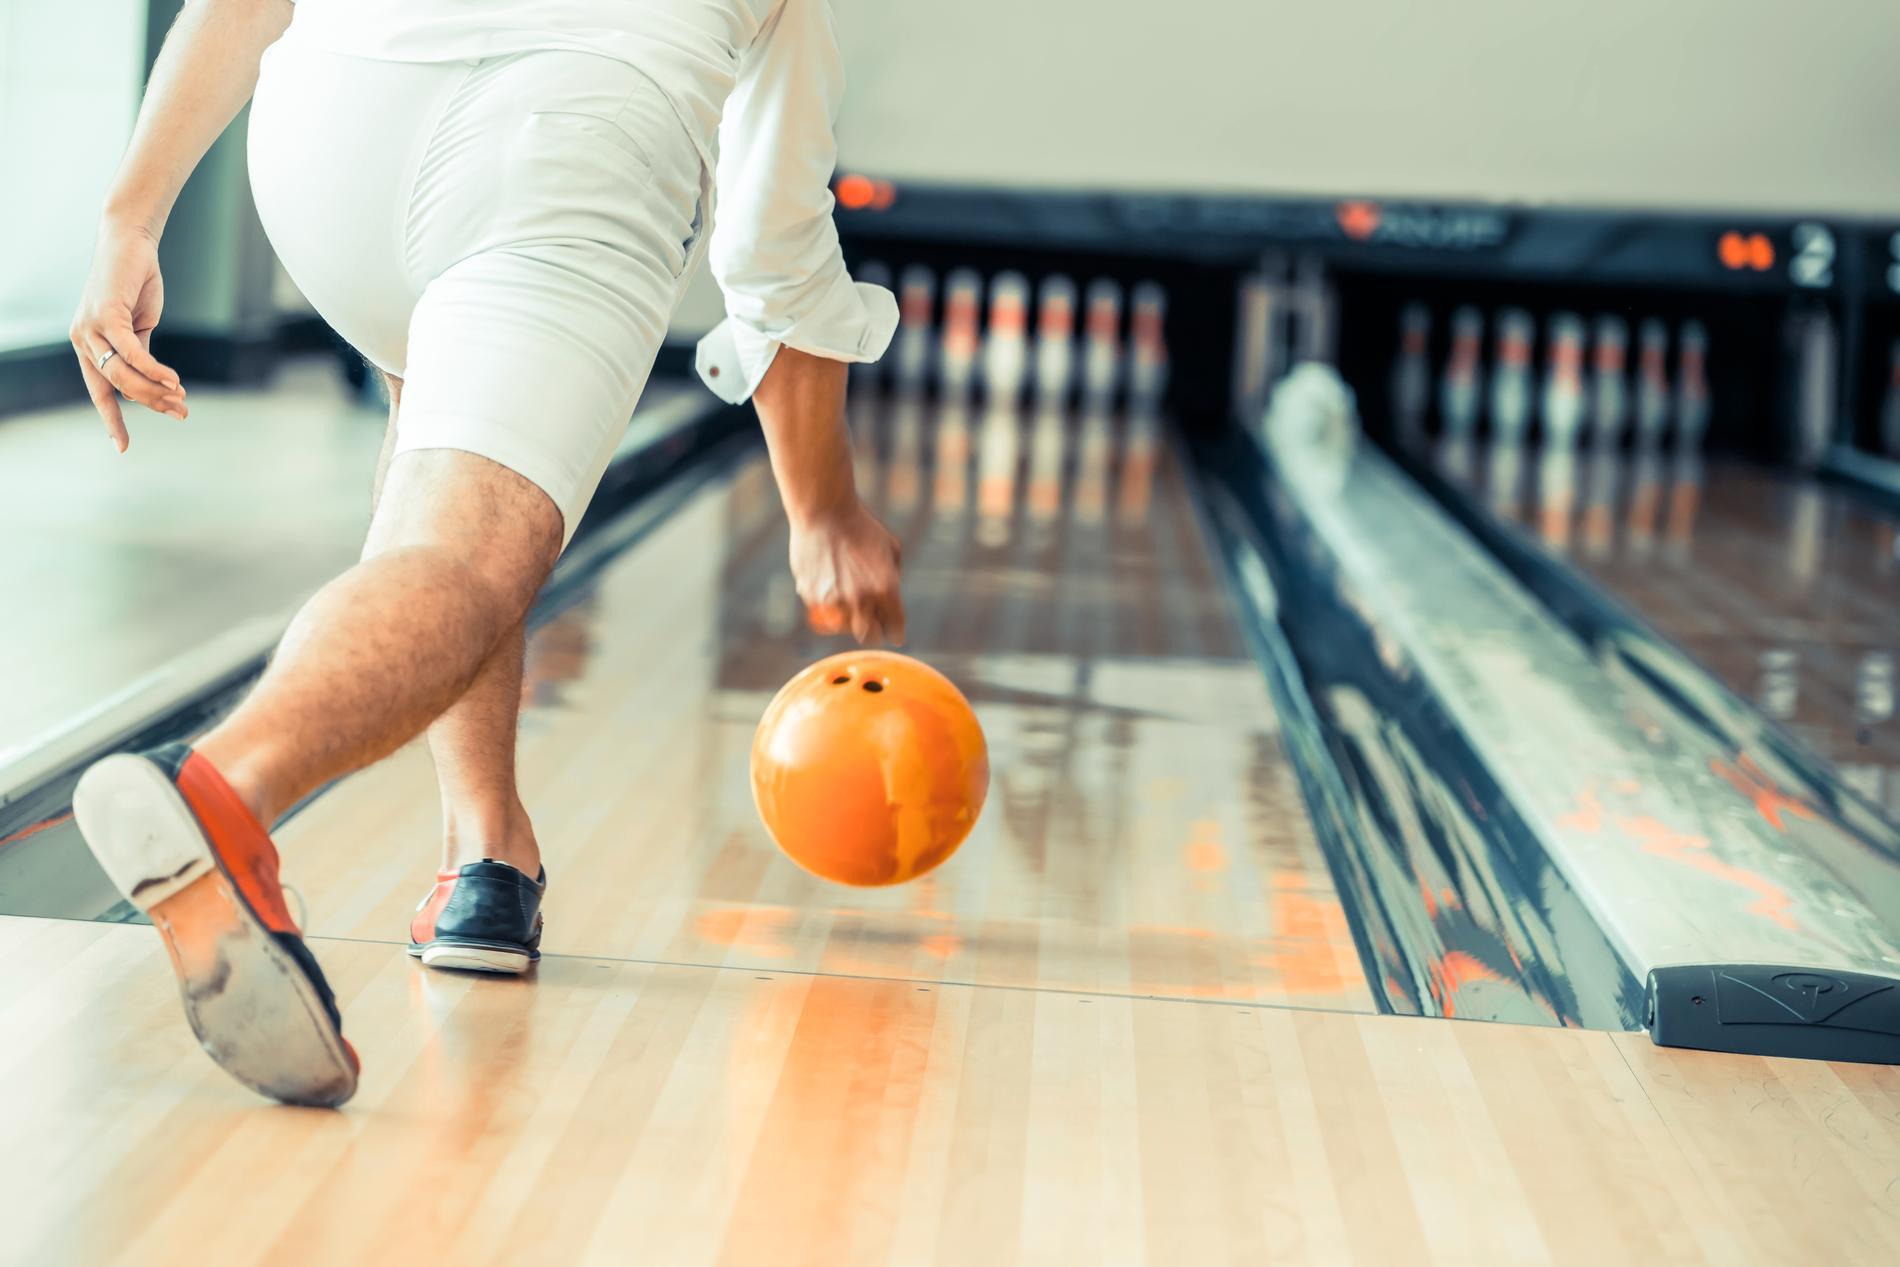 Kasta iväg bowlingklotet och hoppas på en strike.